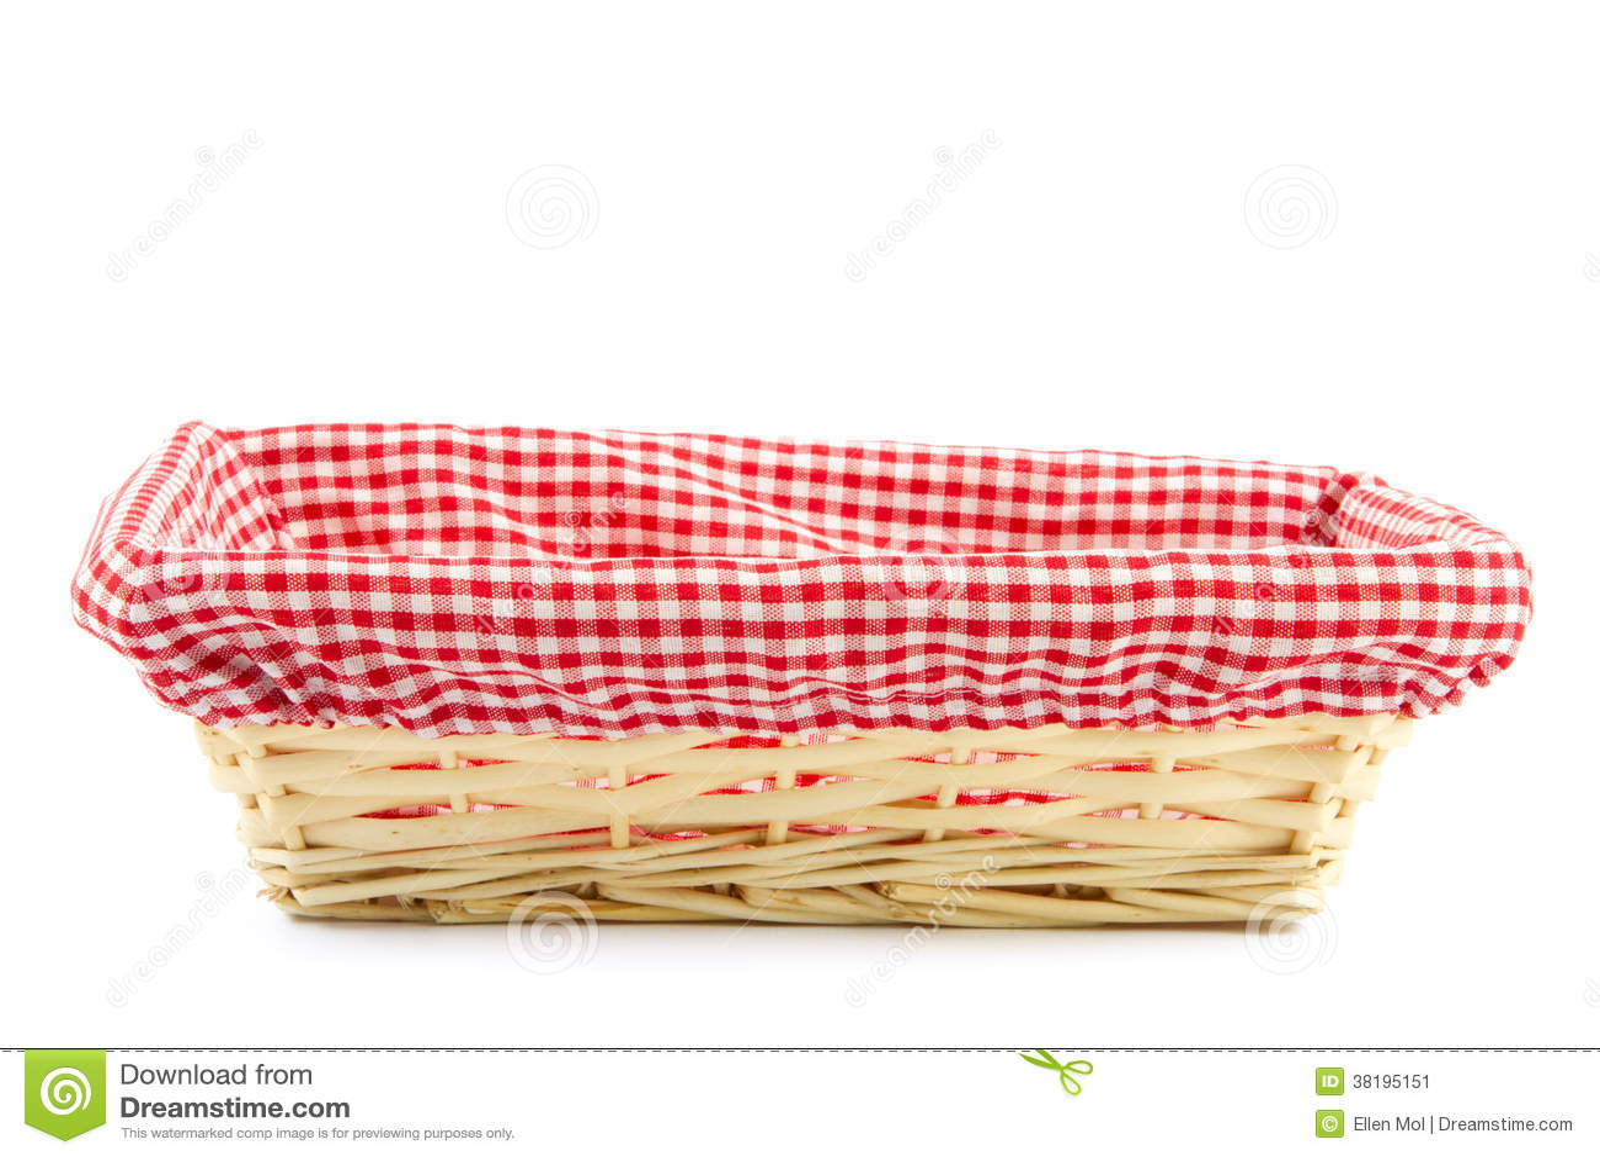 Lege broodmand met geruite doek stock afbeelding afbeelding 38195151 - Mandje doek doek ...